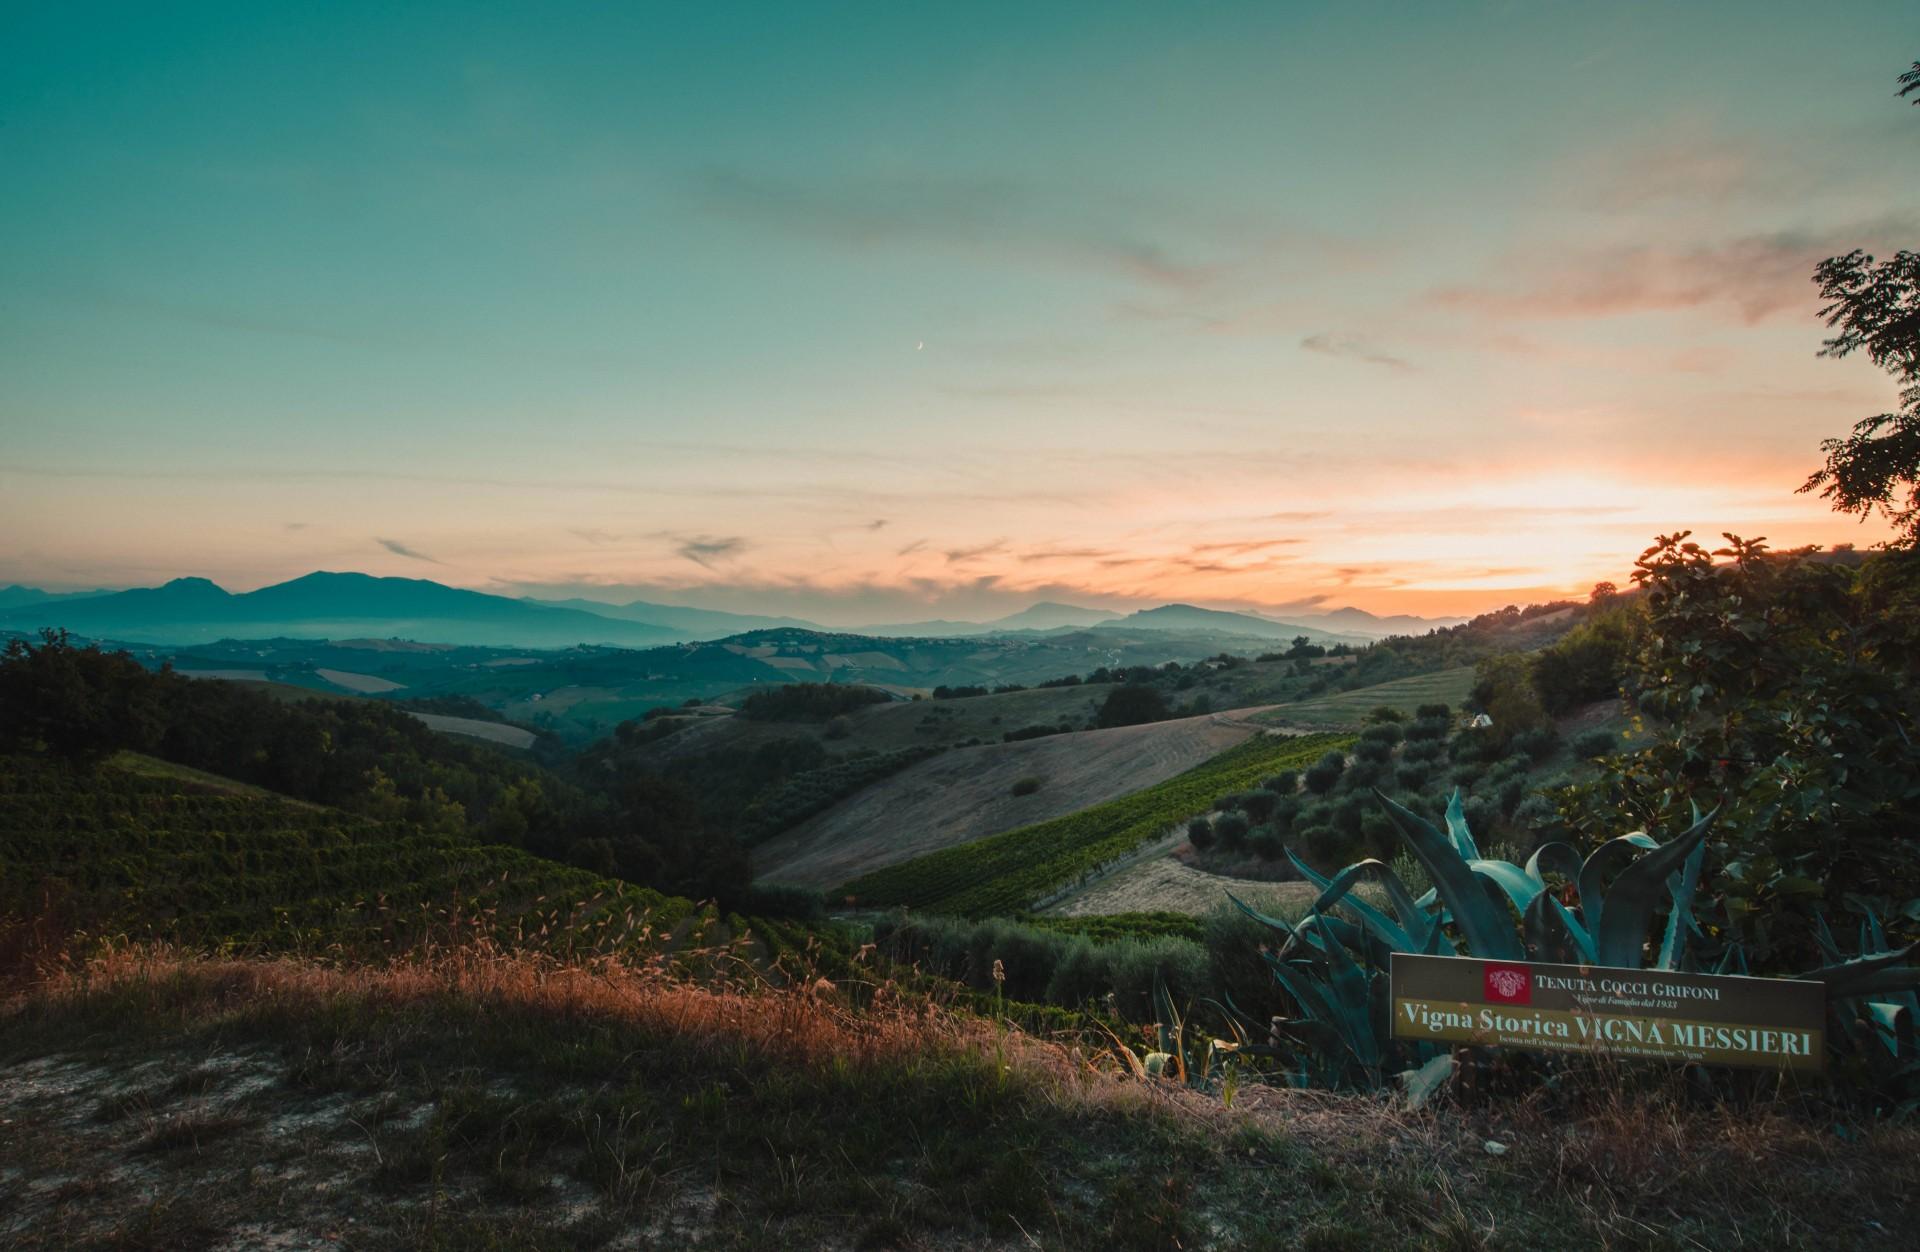 Wine & Art in the Hills of the Marche and Ascoli Piceno